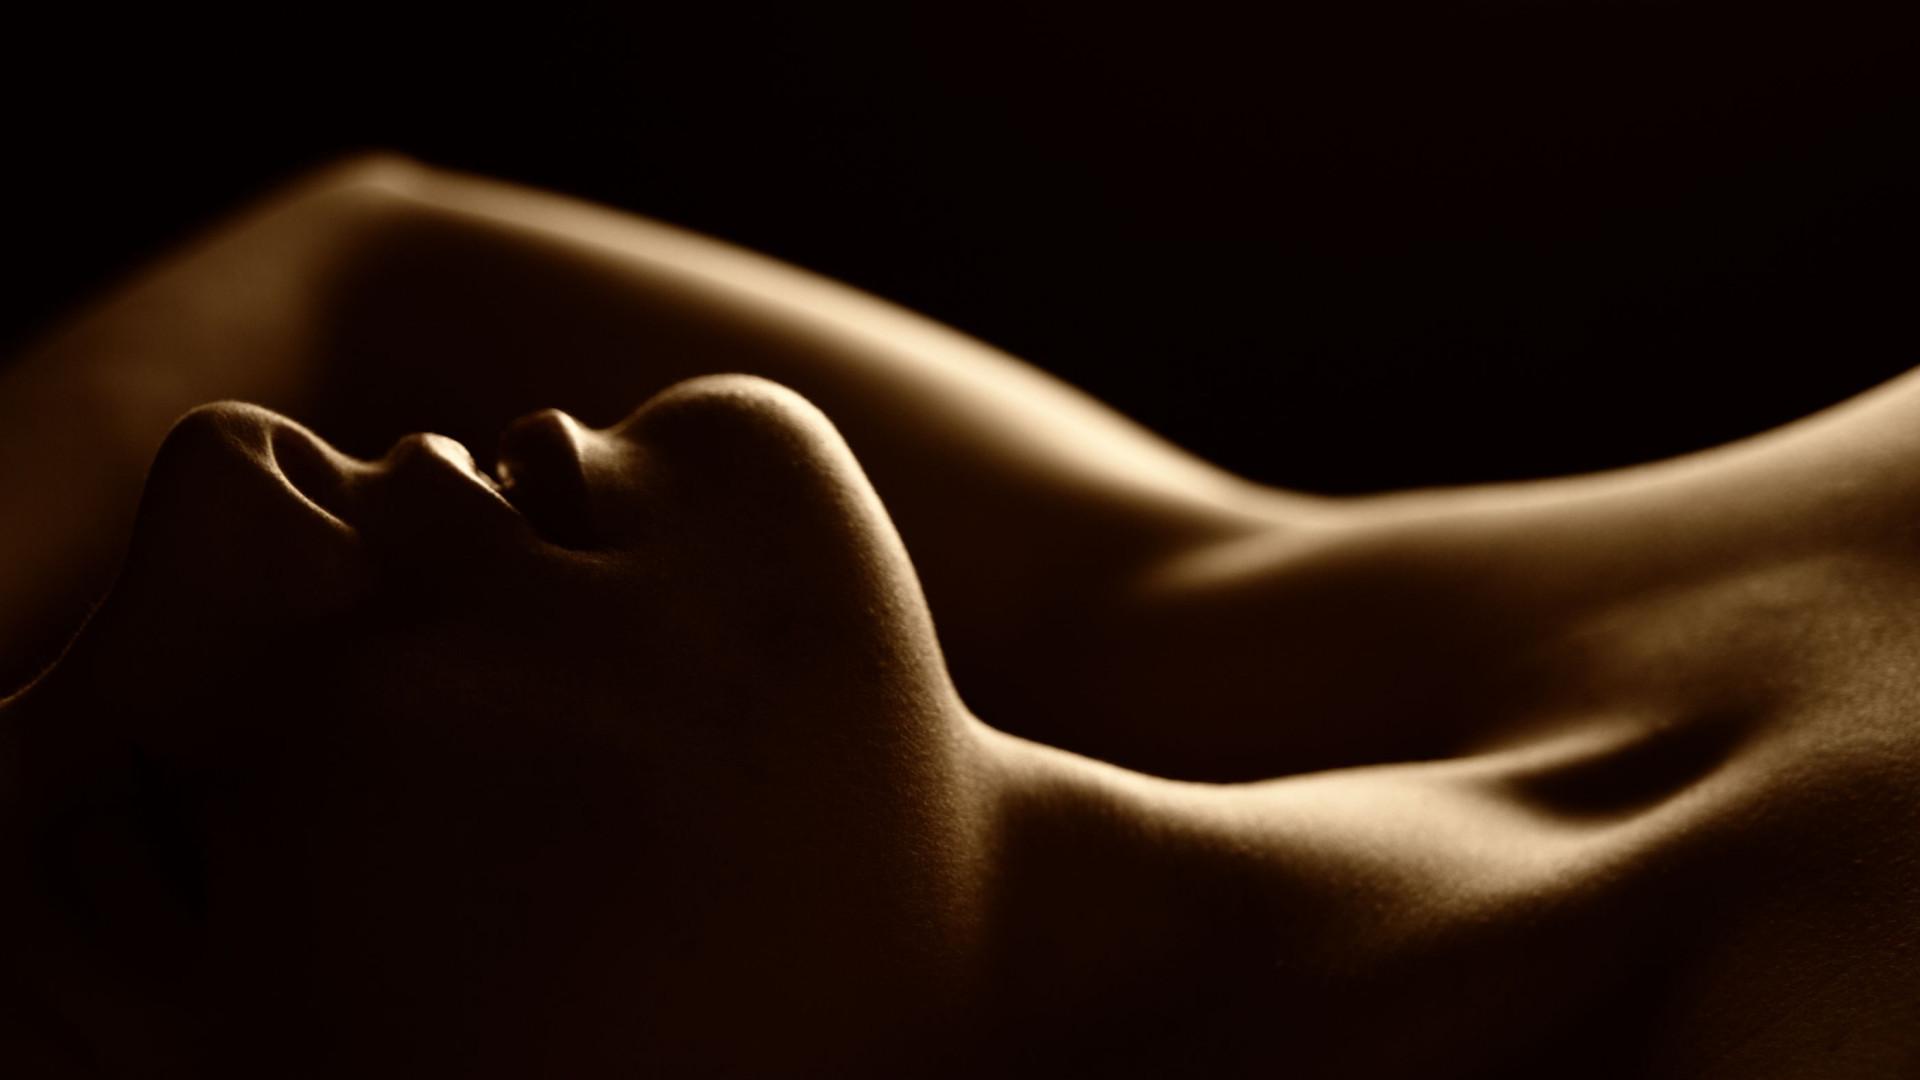 É verdade que a excitação sexual aumenta com a chegada do tempo quente?